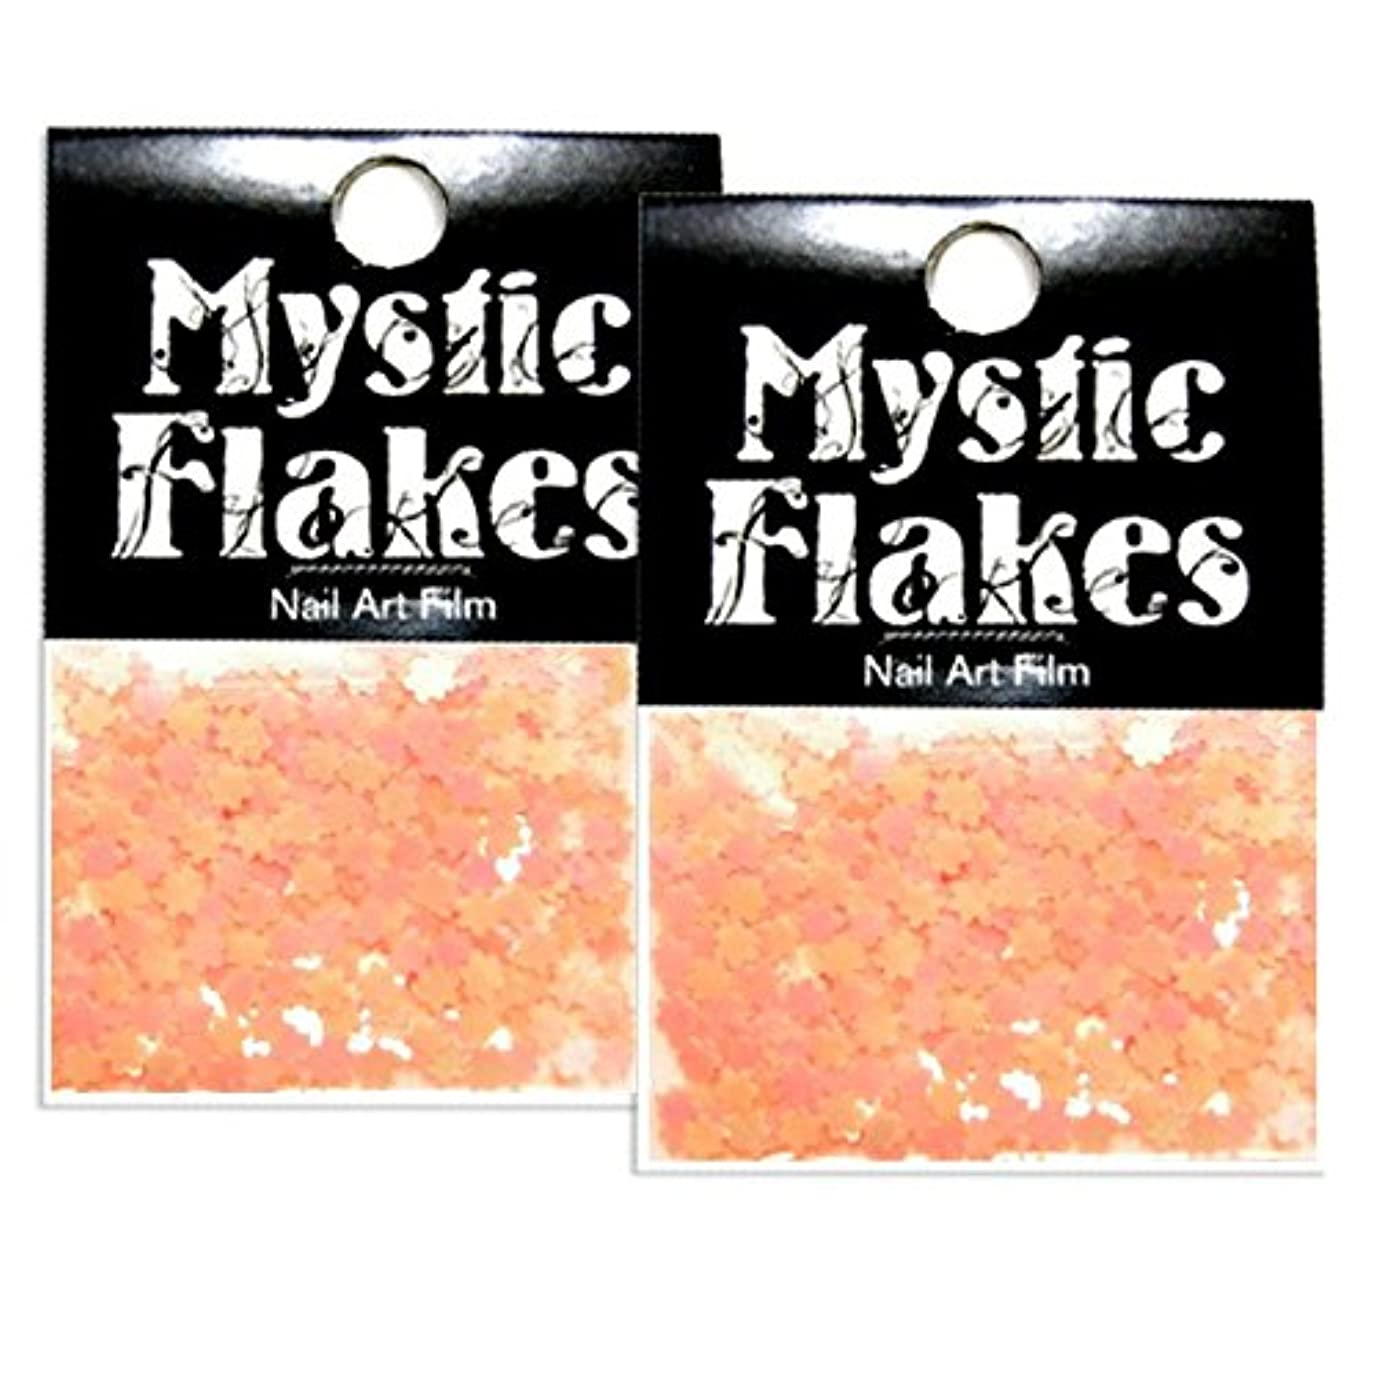 リンケージせせらぎコインミスティックフレース ネイル用ストーン ルミネオレンジ フラワー 0.5g 2個セット